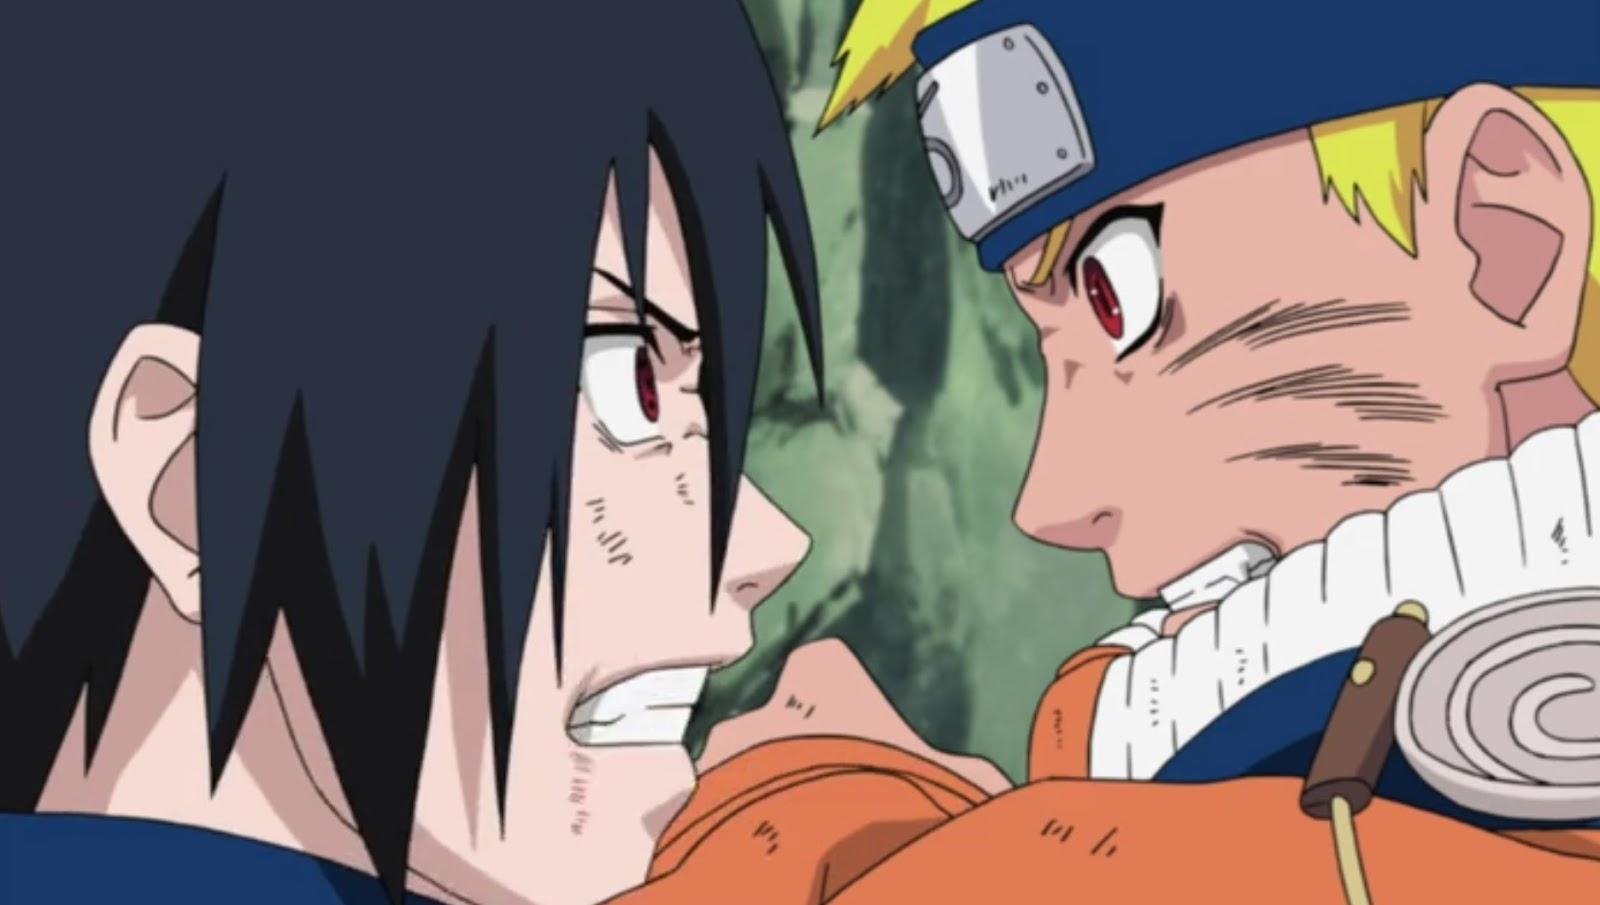 Naruto Shippuden Episódio 260, Assistir Naruto Shippuden Episódio 260, Assistir Naruto Shippuden Todos os Episódios Legendado, Naruto Shippuden episódio 260,HD